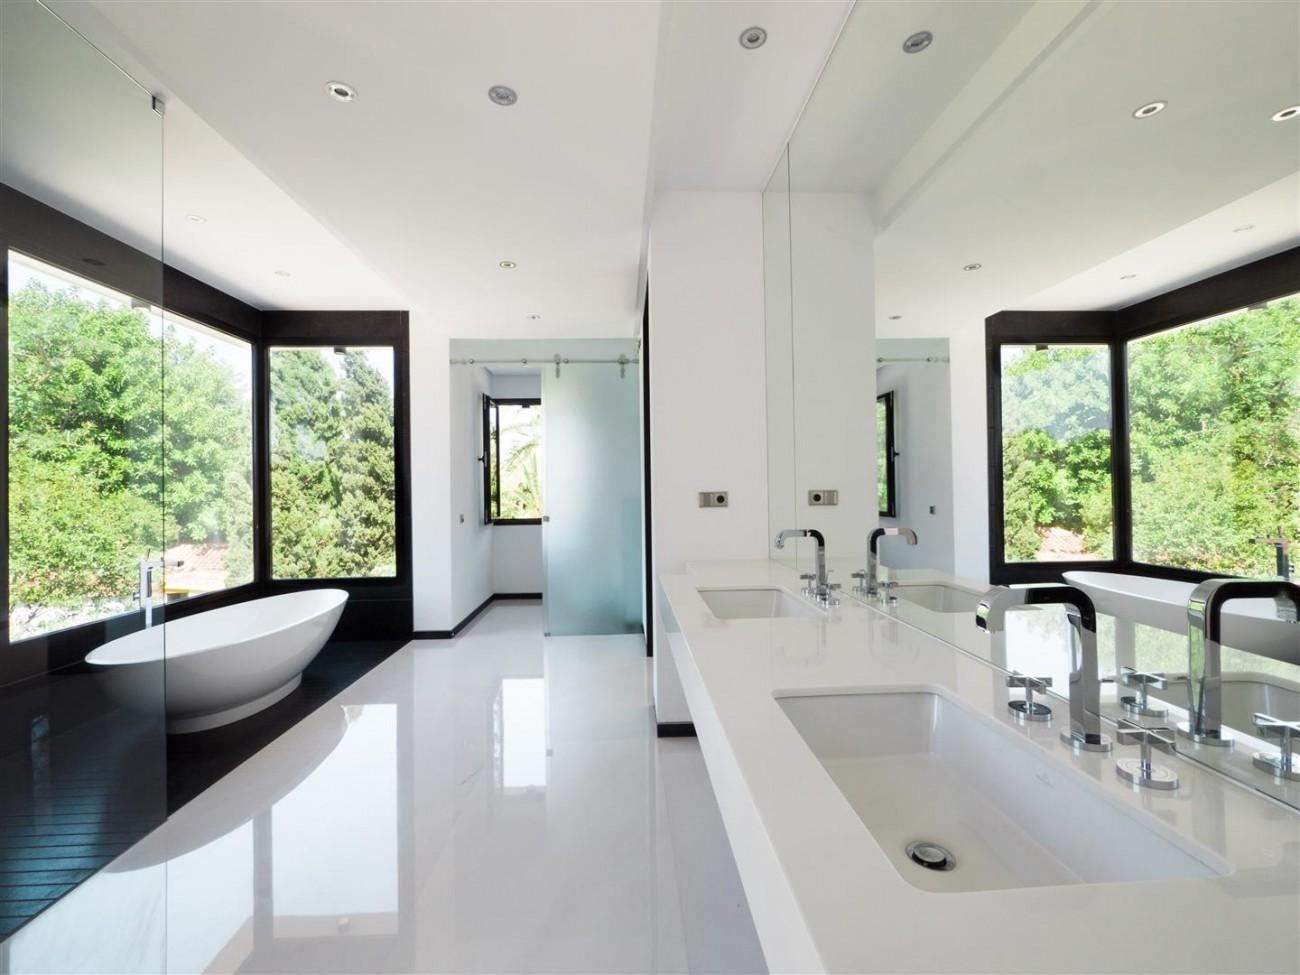 Contemporary villa for sale close to the beach Marbella (15) (Large)